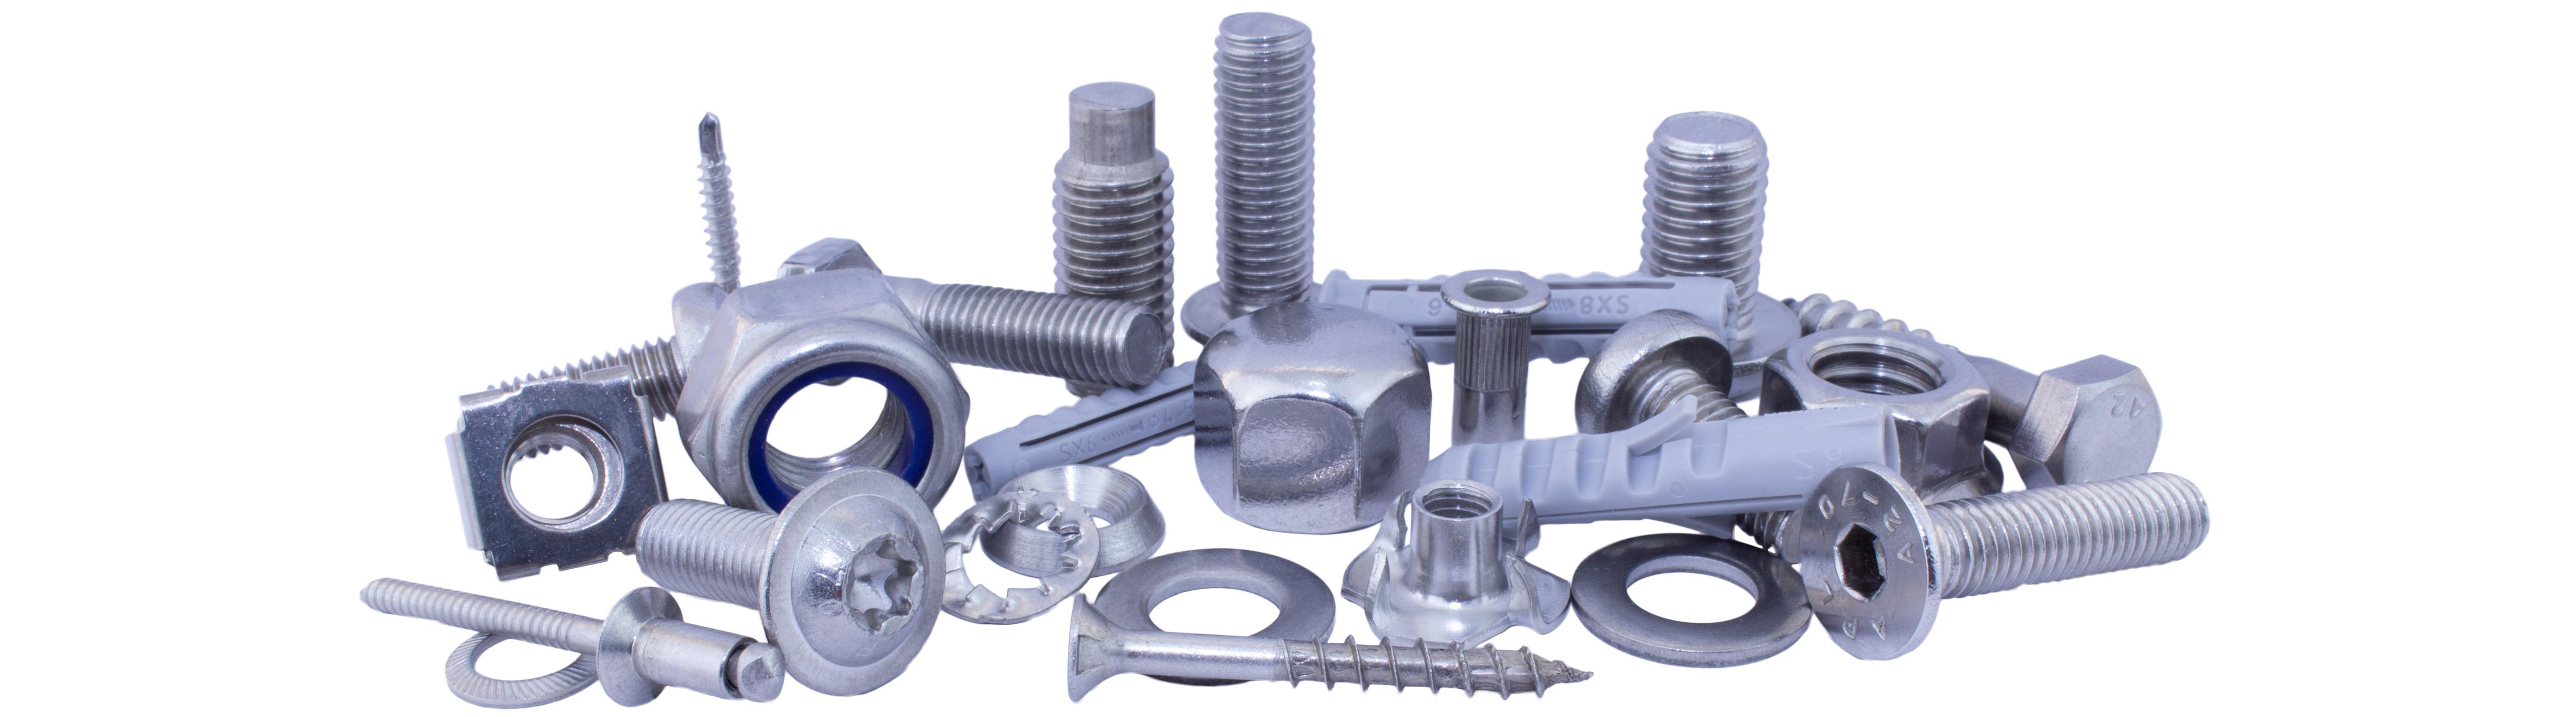 - V2A Schnellbauschrauben m Sechskantkopf u 100 St/ück z.B. Aluminium Sechskant-Bohrschrauben 6,3 X 16 DIN 7504 Form K selbstschneidend Edelstahl A2 Bund f/ür Weichmetalle